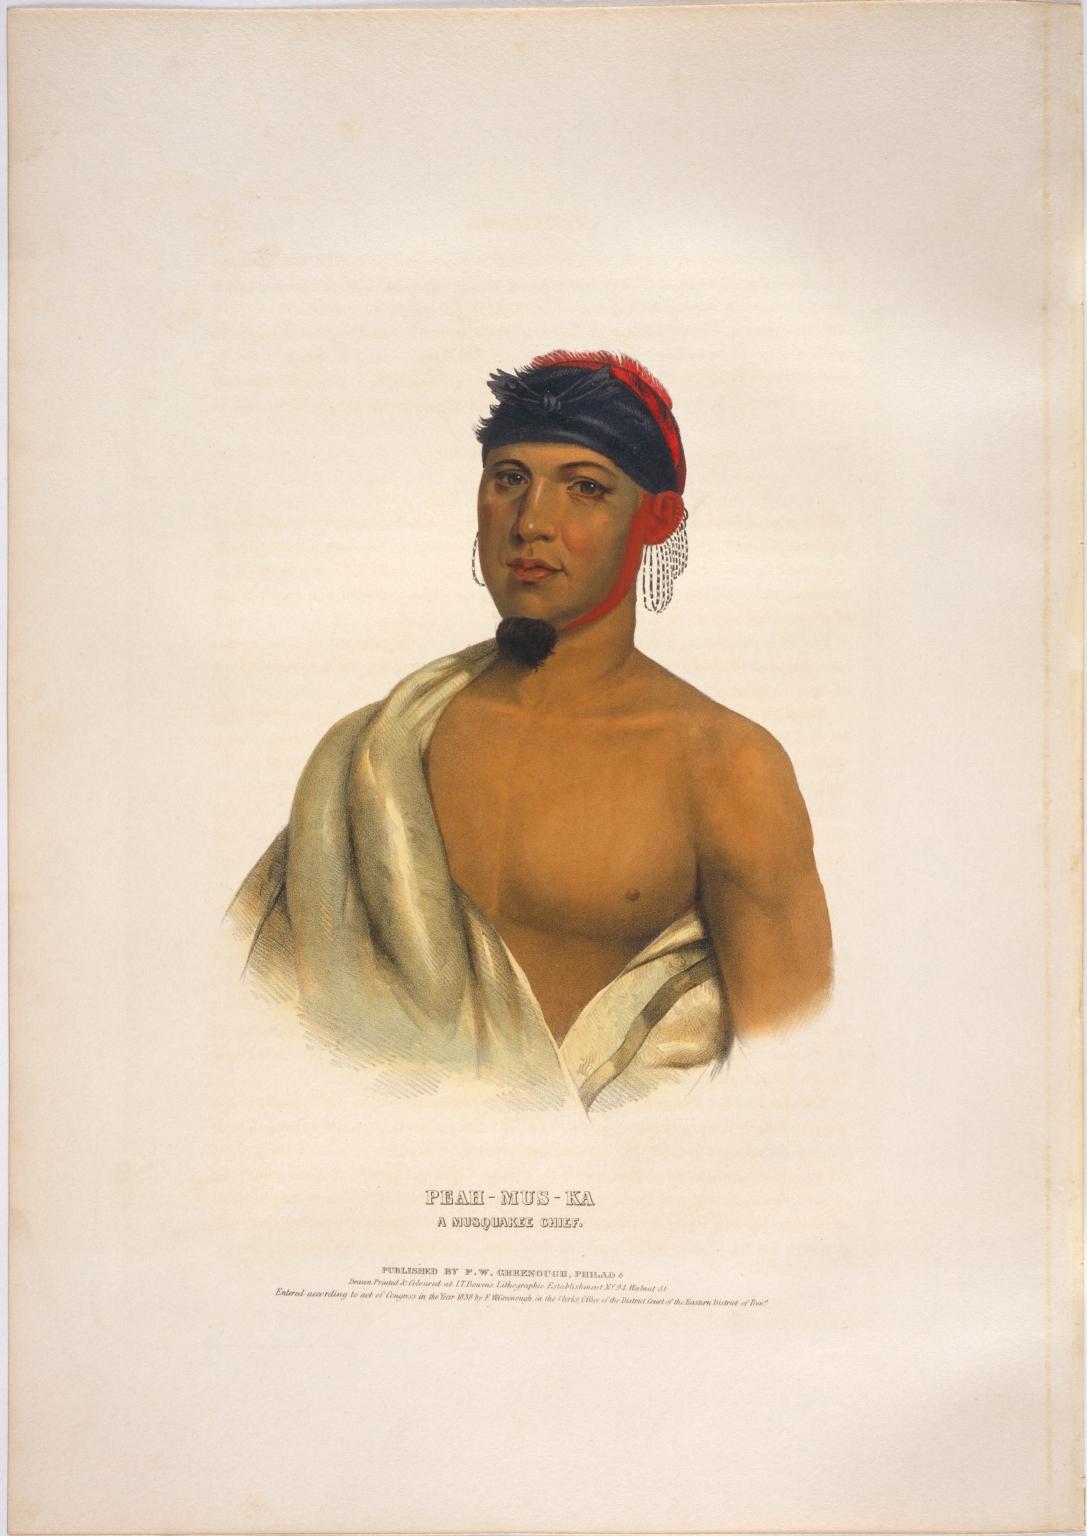 Peah-mus-ka, a Musquakee chief